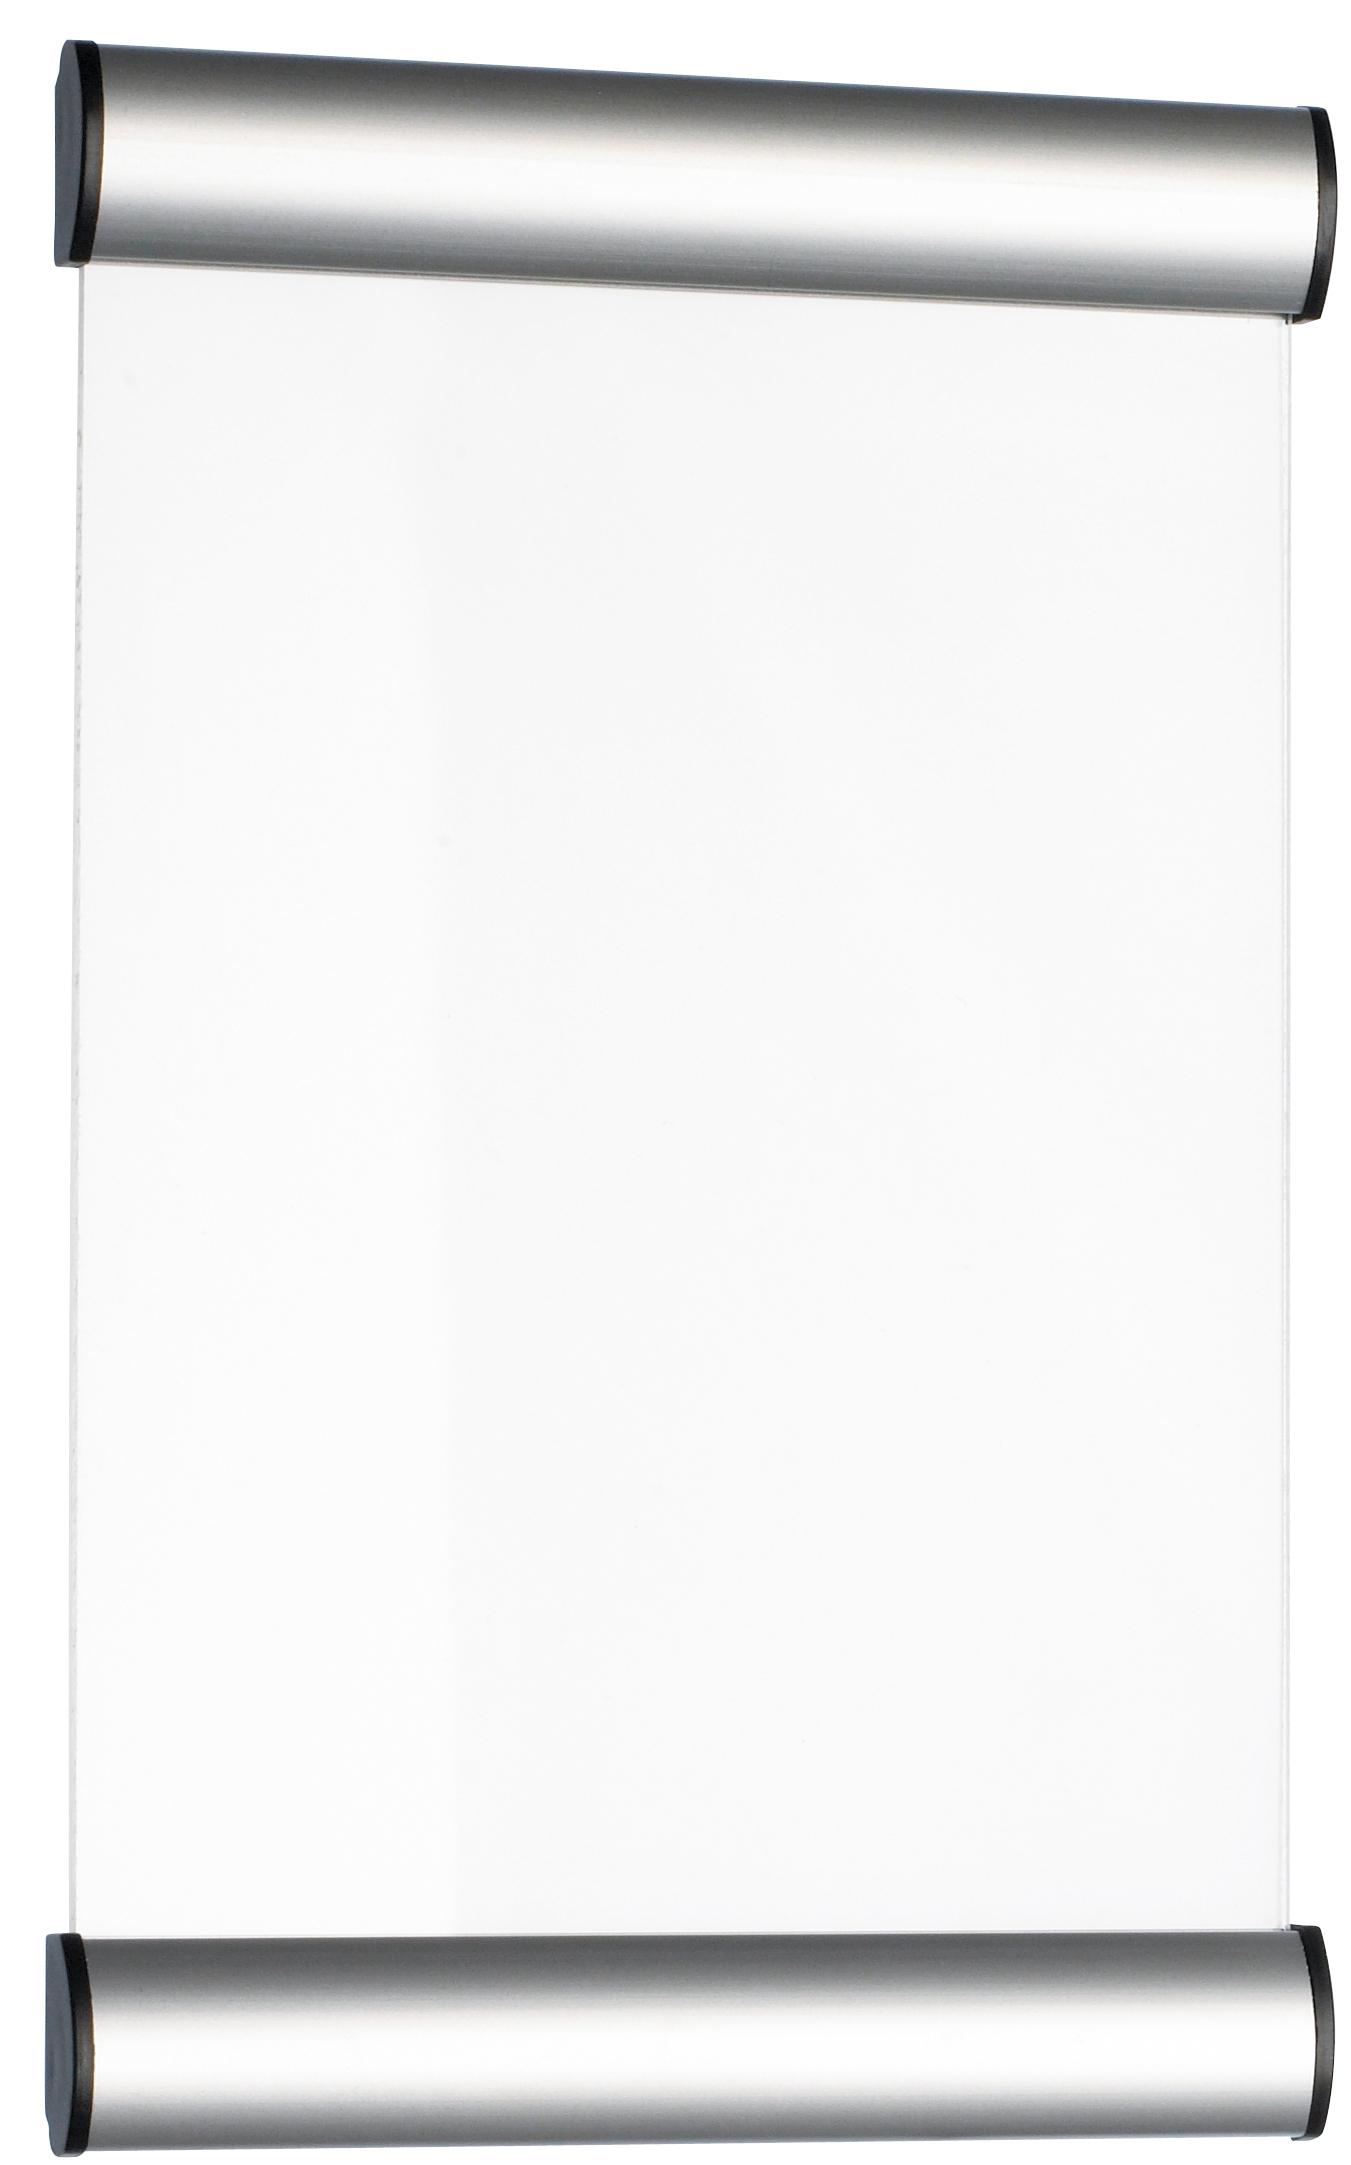 Suport metalic pentru nume, pentru semnalizare usa, 24 x 15 cm, Alco